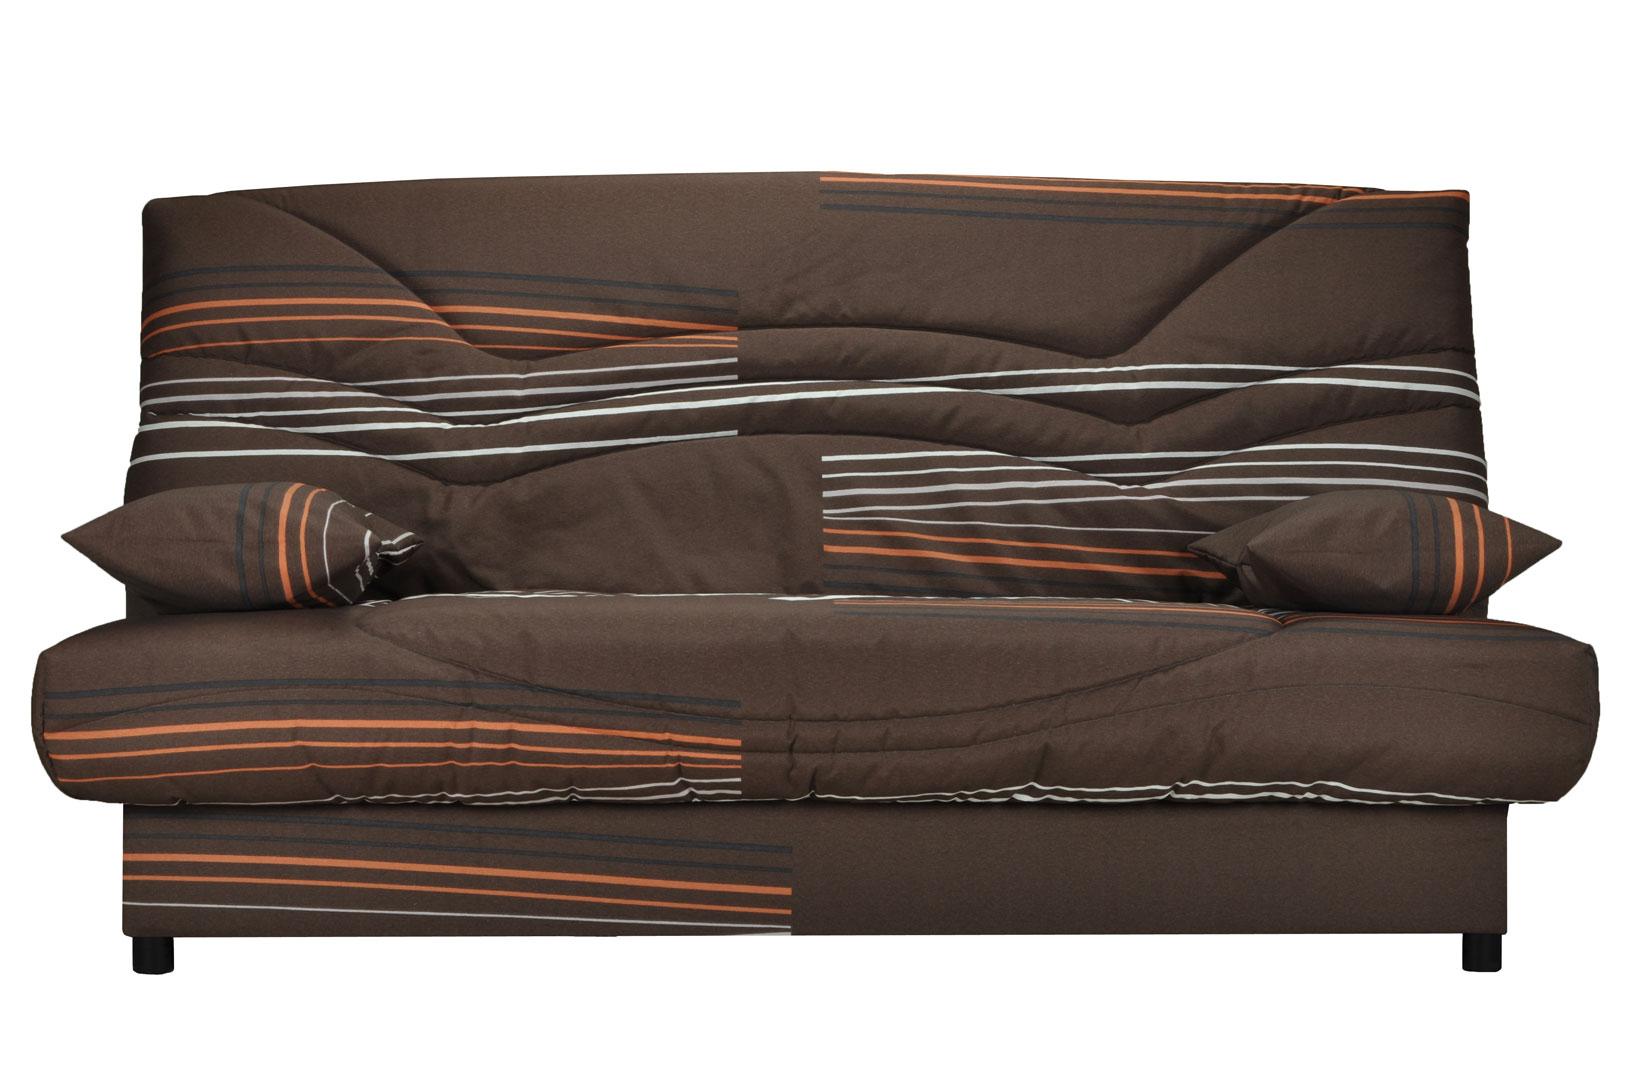 Canapé clic-clac contemporain coloris brun/imprimé Oliver